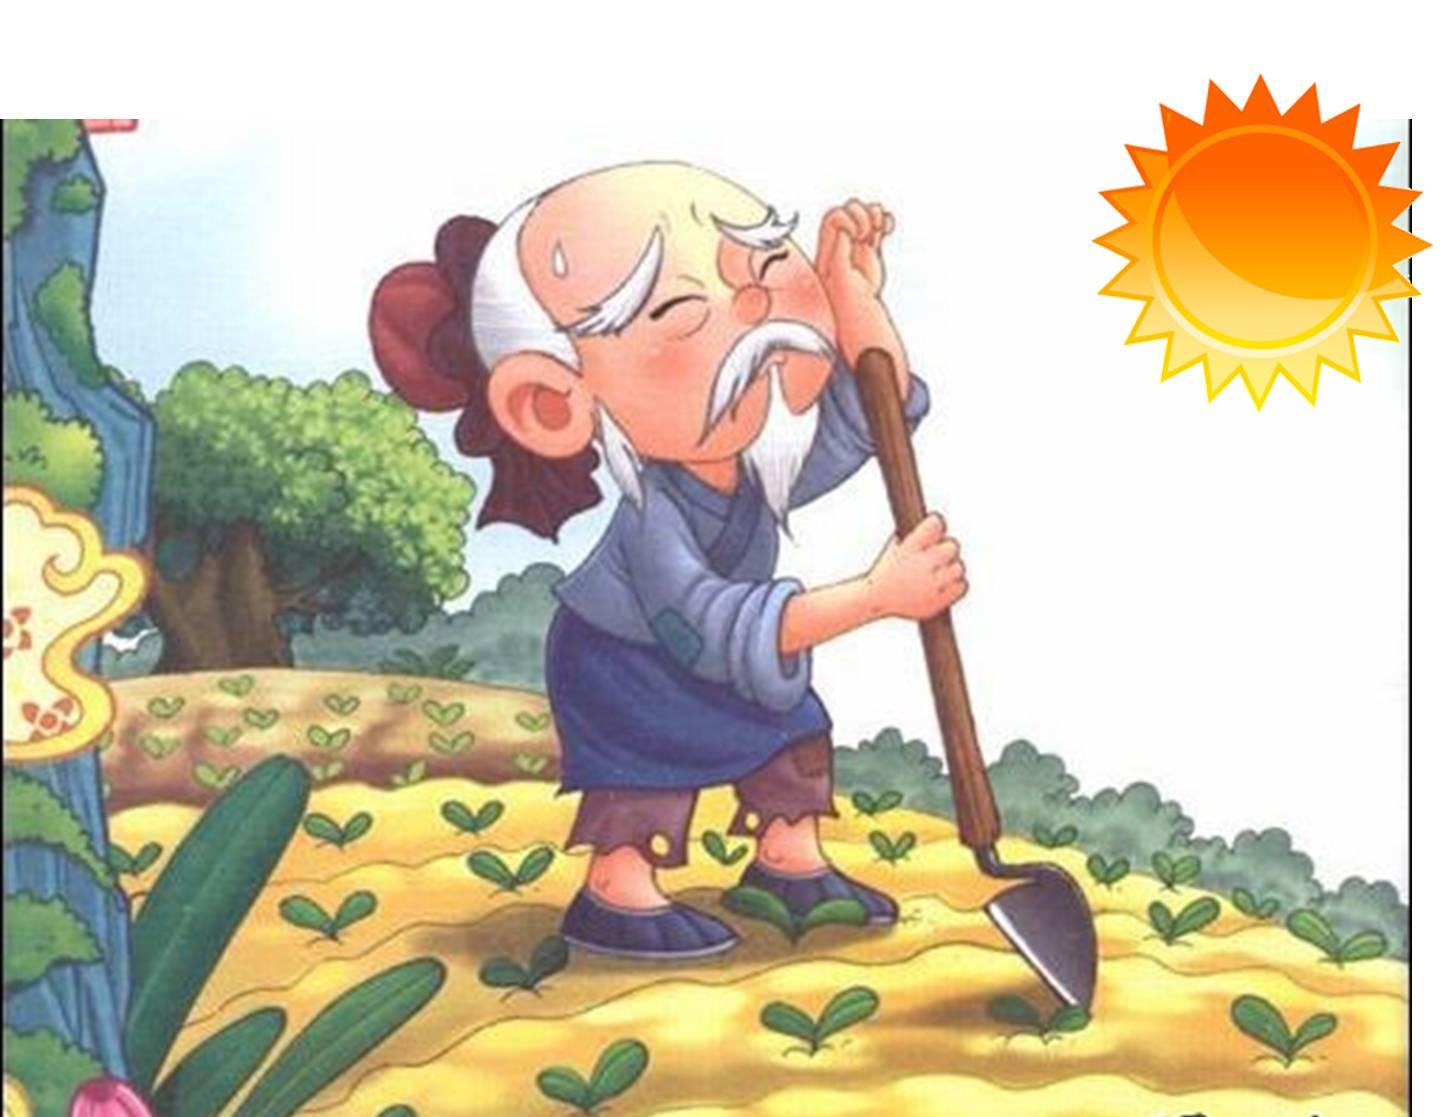 幼儿园中班教案悯农 幼儿园诗歌悯农教案图片